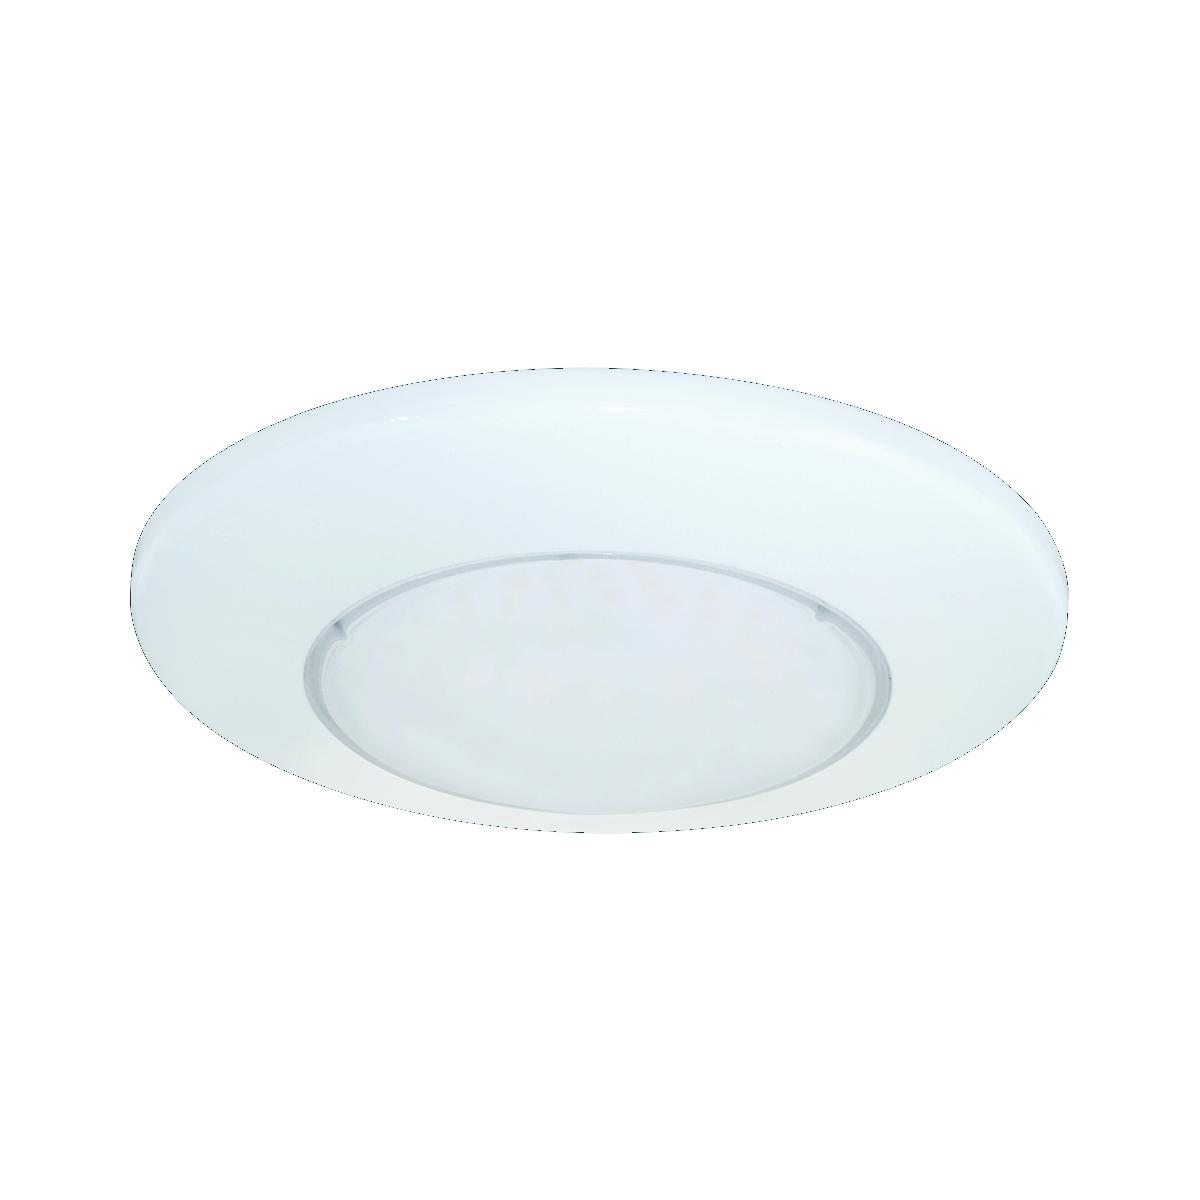 LBSLEDA | Recessed Downlights | Commercial Indoor Lighting ...